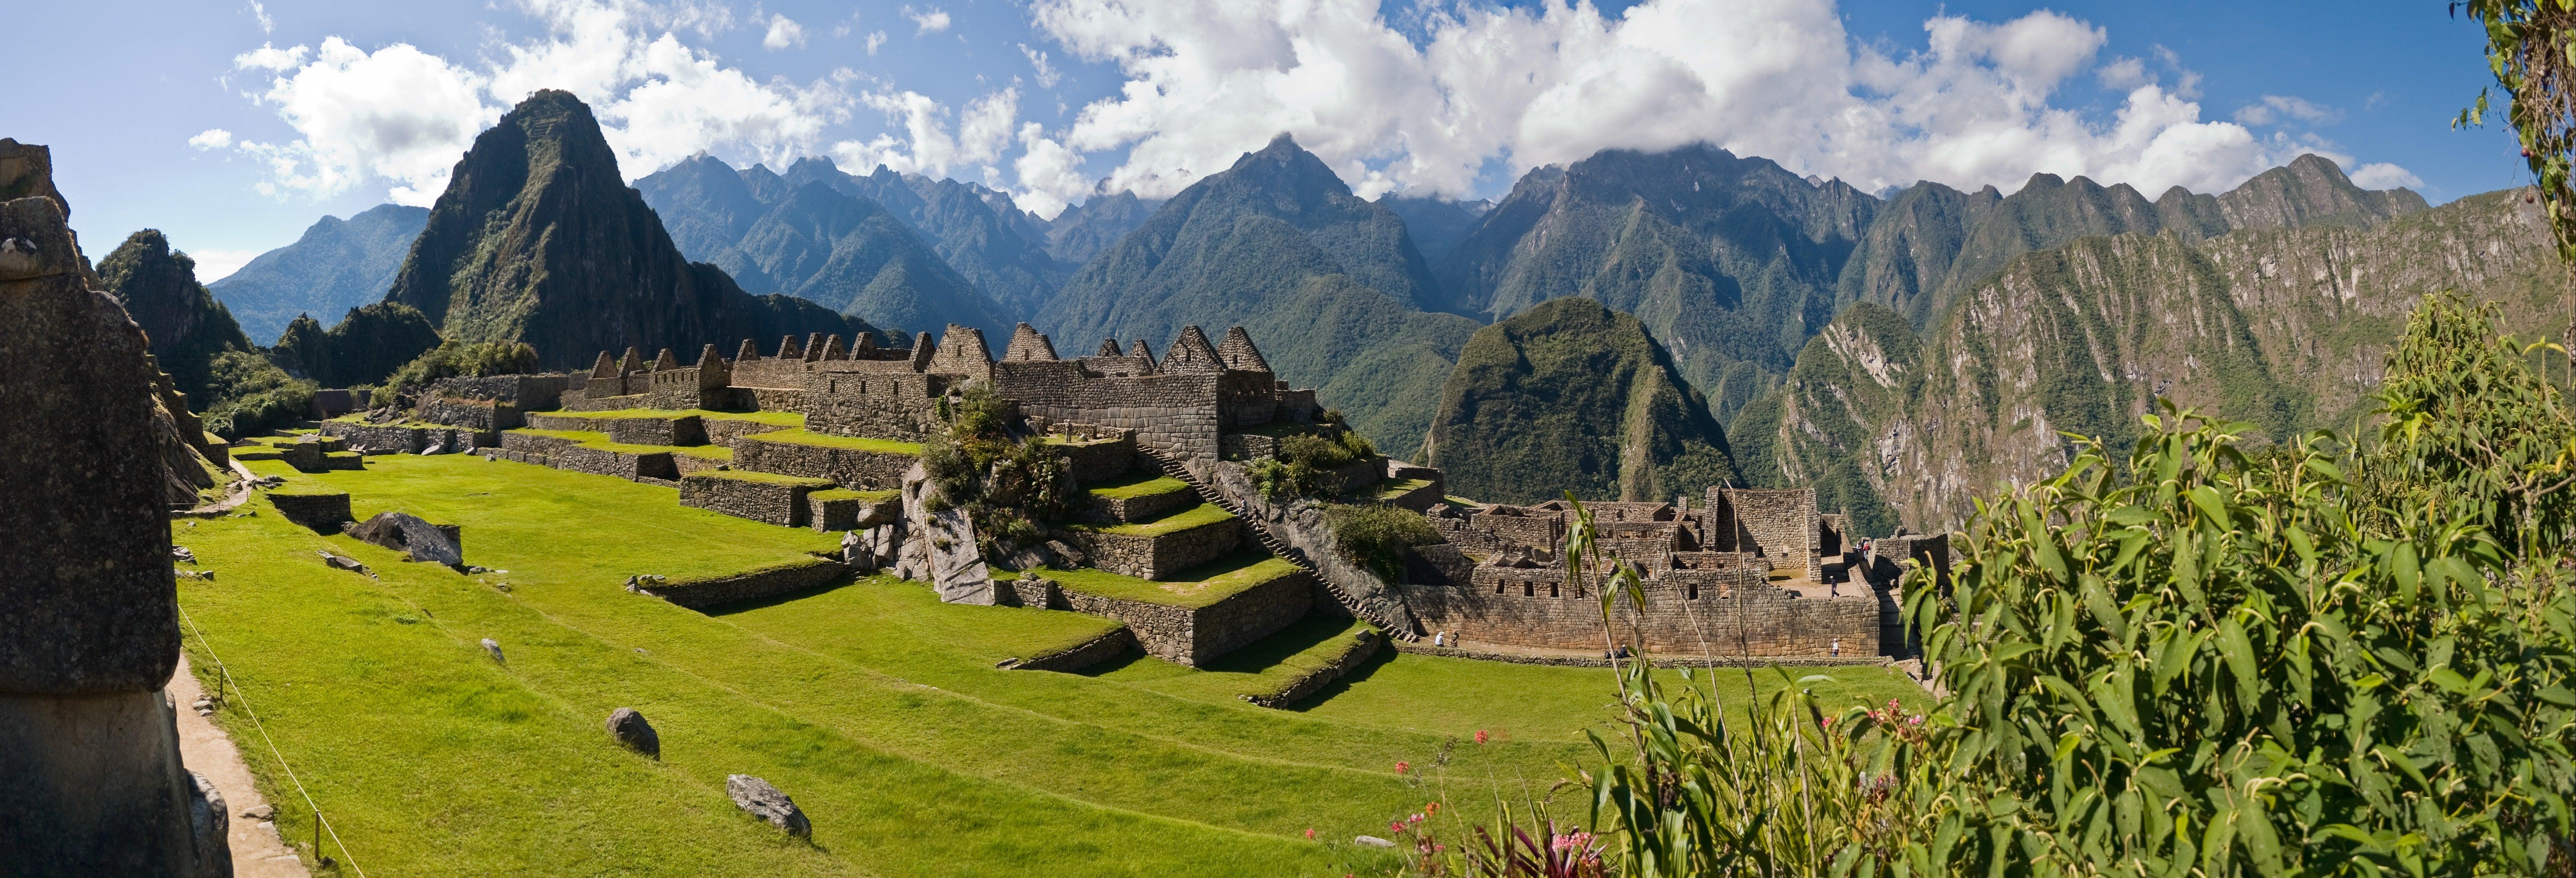 Ruta de 2 días por el Camino Inca